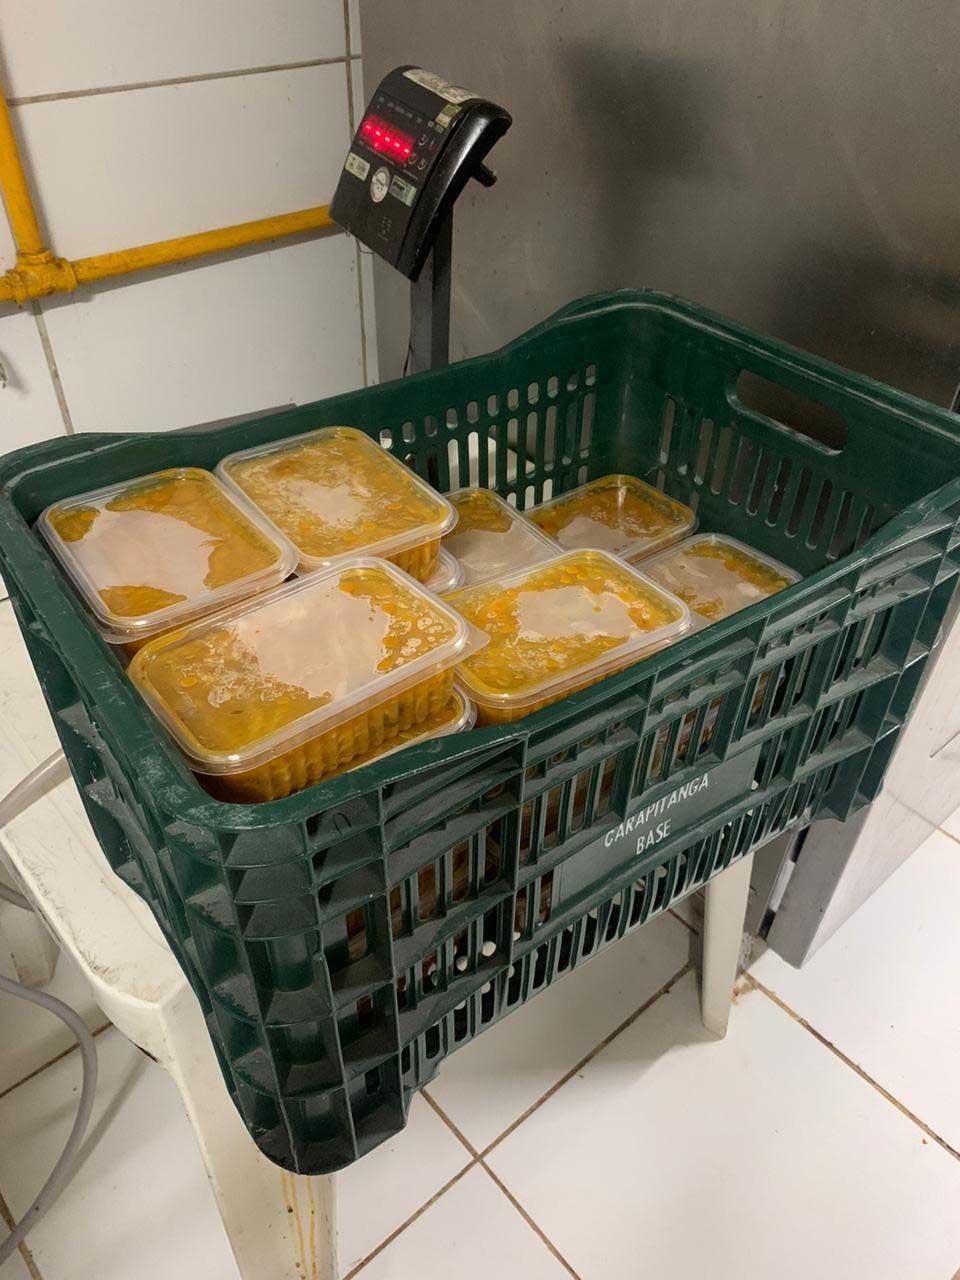 Em vez de usar cupons de desconto, influenciadora doa refeições a moradores de rua e crianças com câncer 3